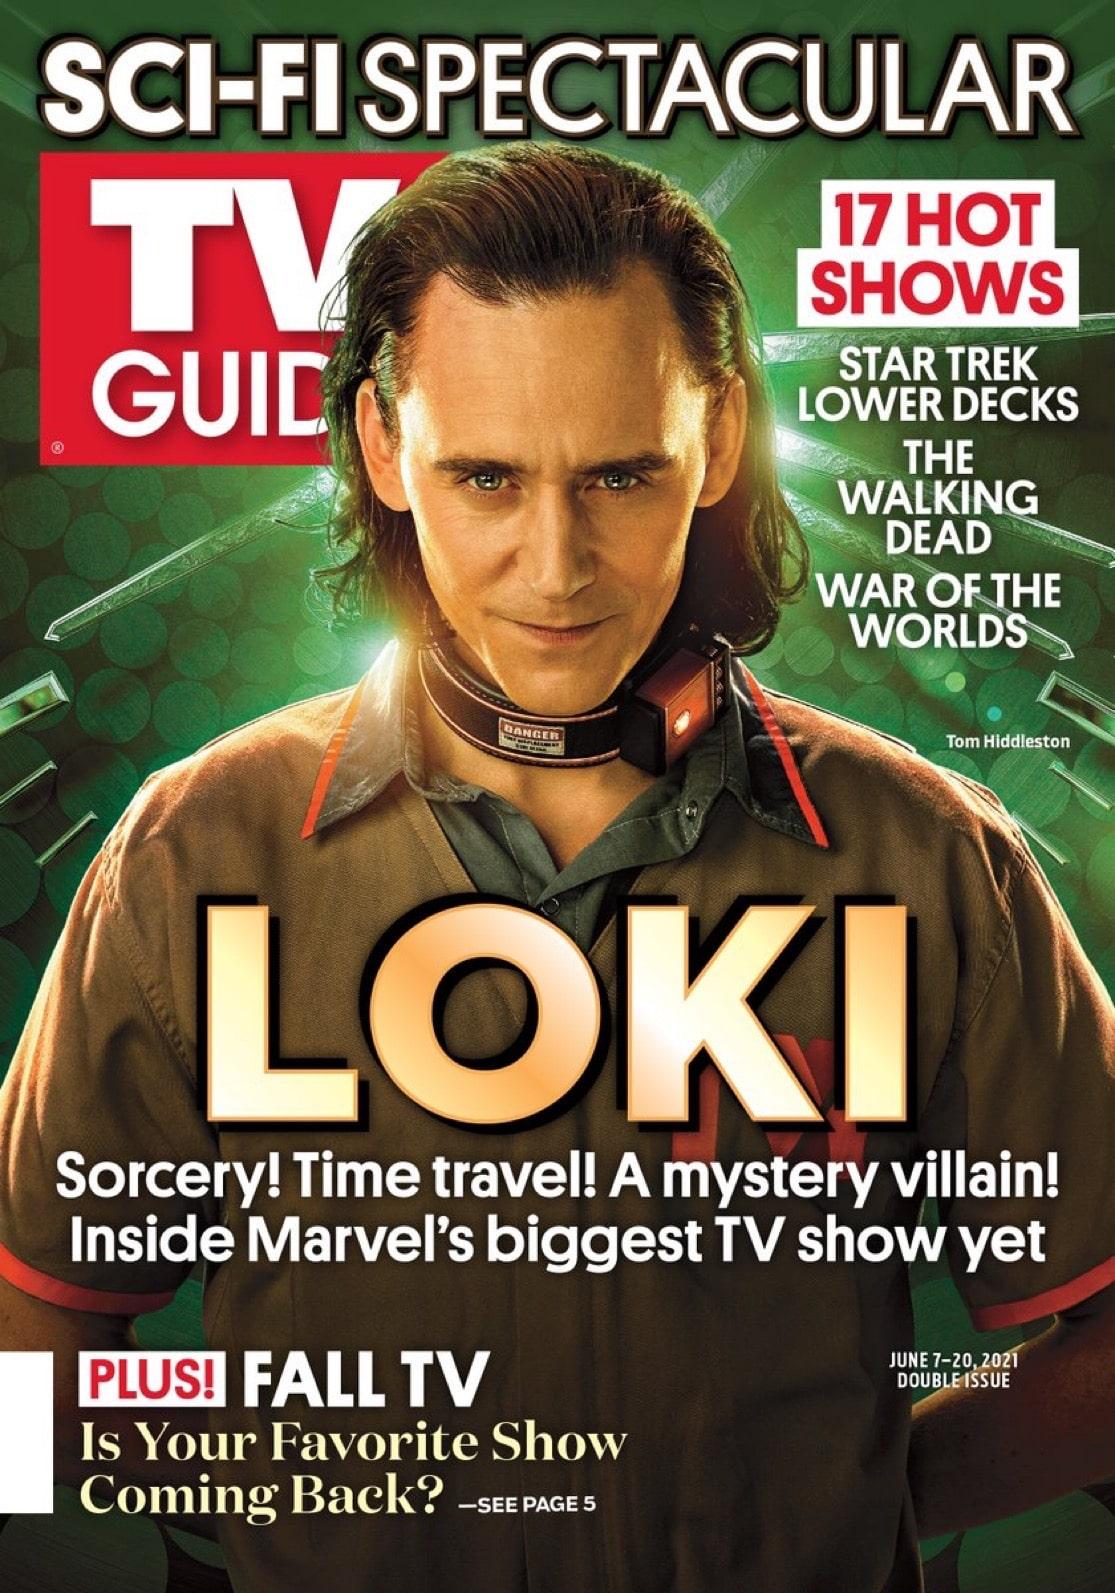 Tom Hiddleston on the Cover of TV Guide Magazine for Marvel Studios' Loki